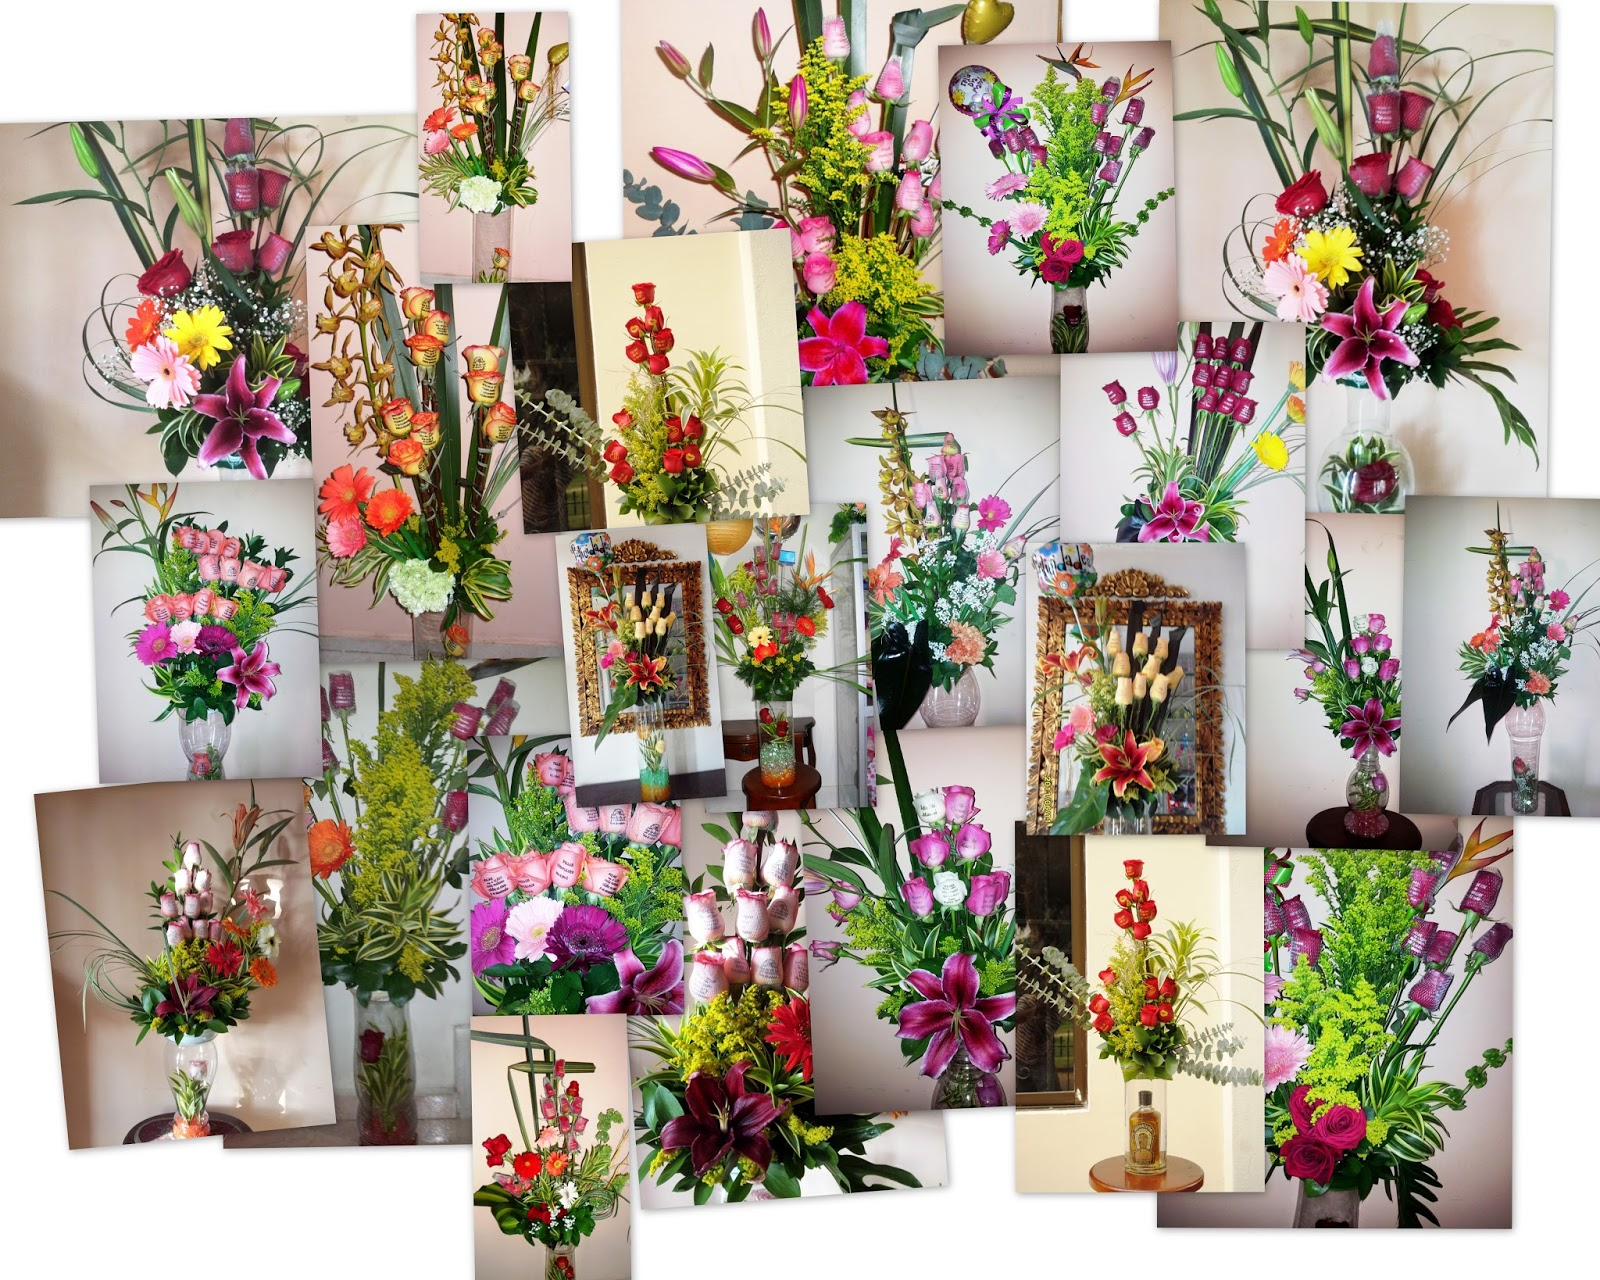 Arreglos florales en jarrones de vidrio fiori bella colombia for Jarrones de vidrio decorados